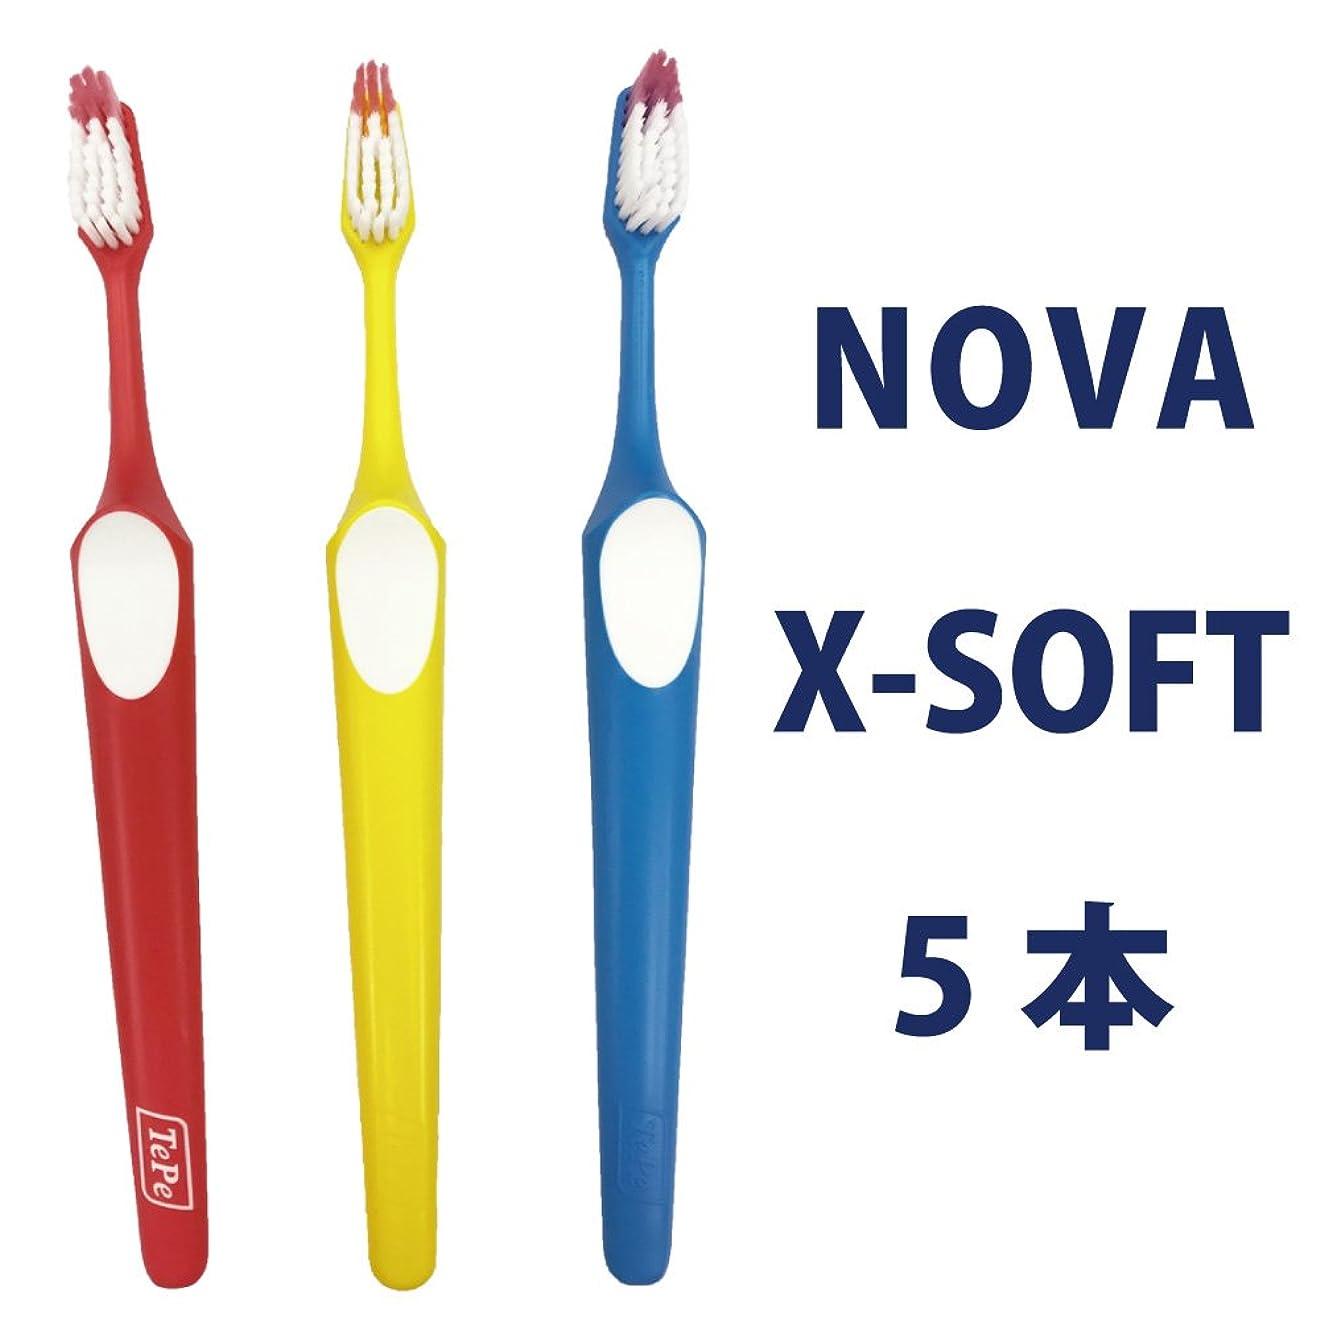 評判請うオーロックテペ ノバ エキストラソフト(極やわらかめ) 奥歯がみがきやすい 5本 NEWカラー